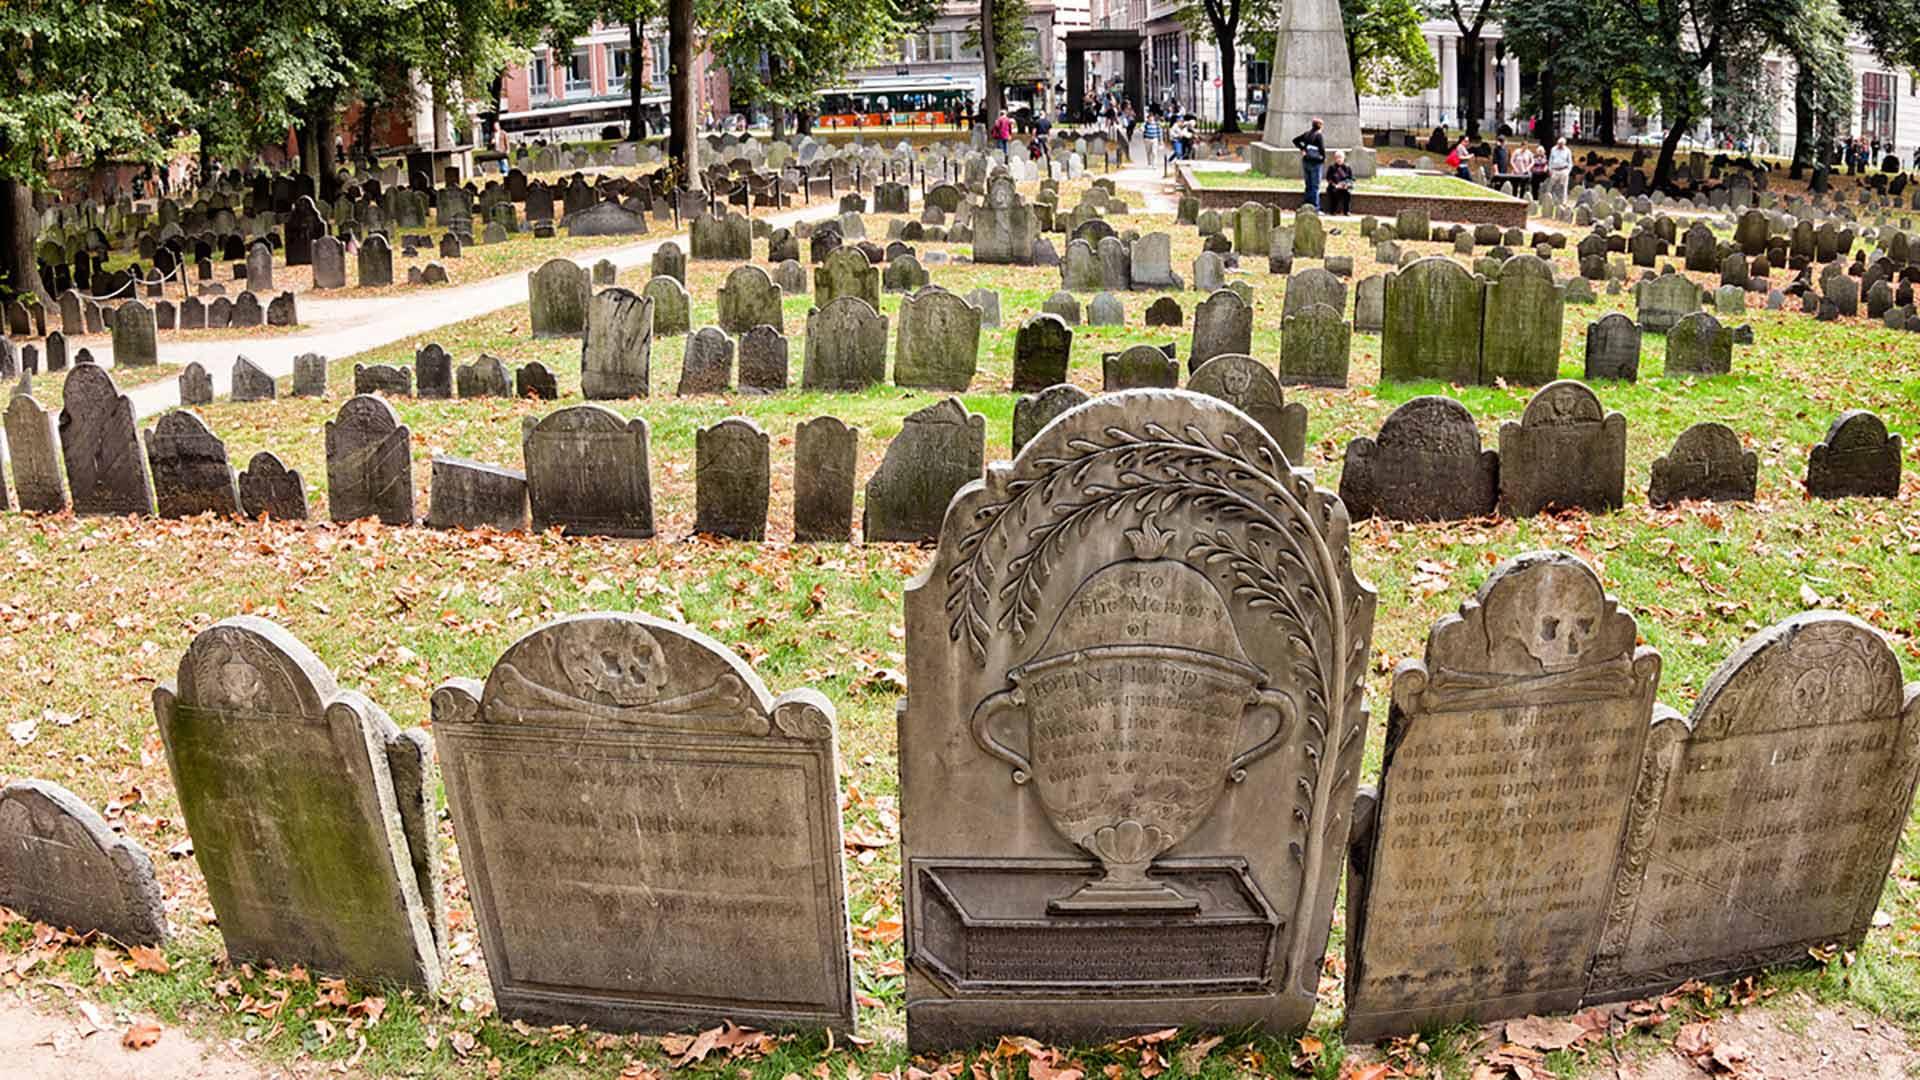 Haunted Granary Burying Ground in Boston